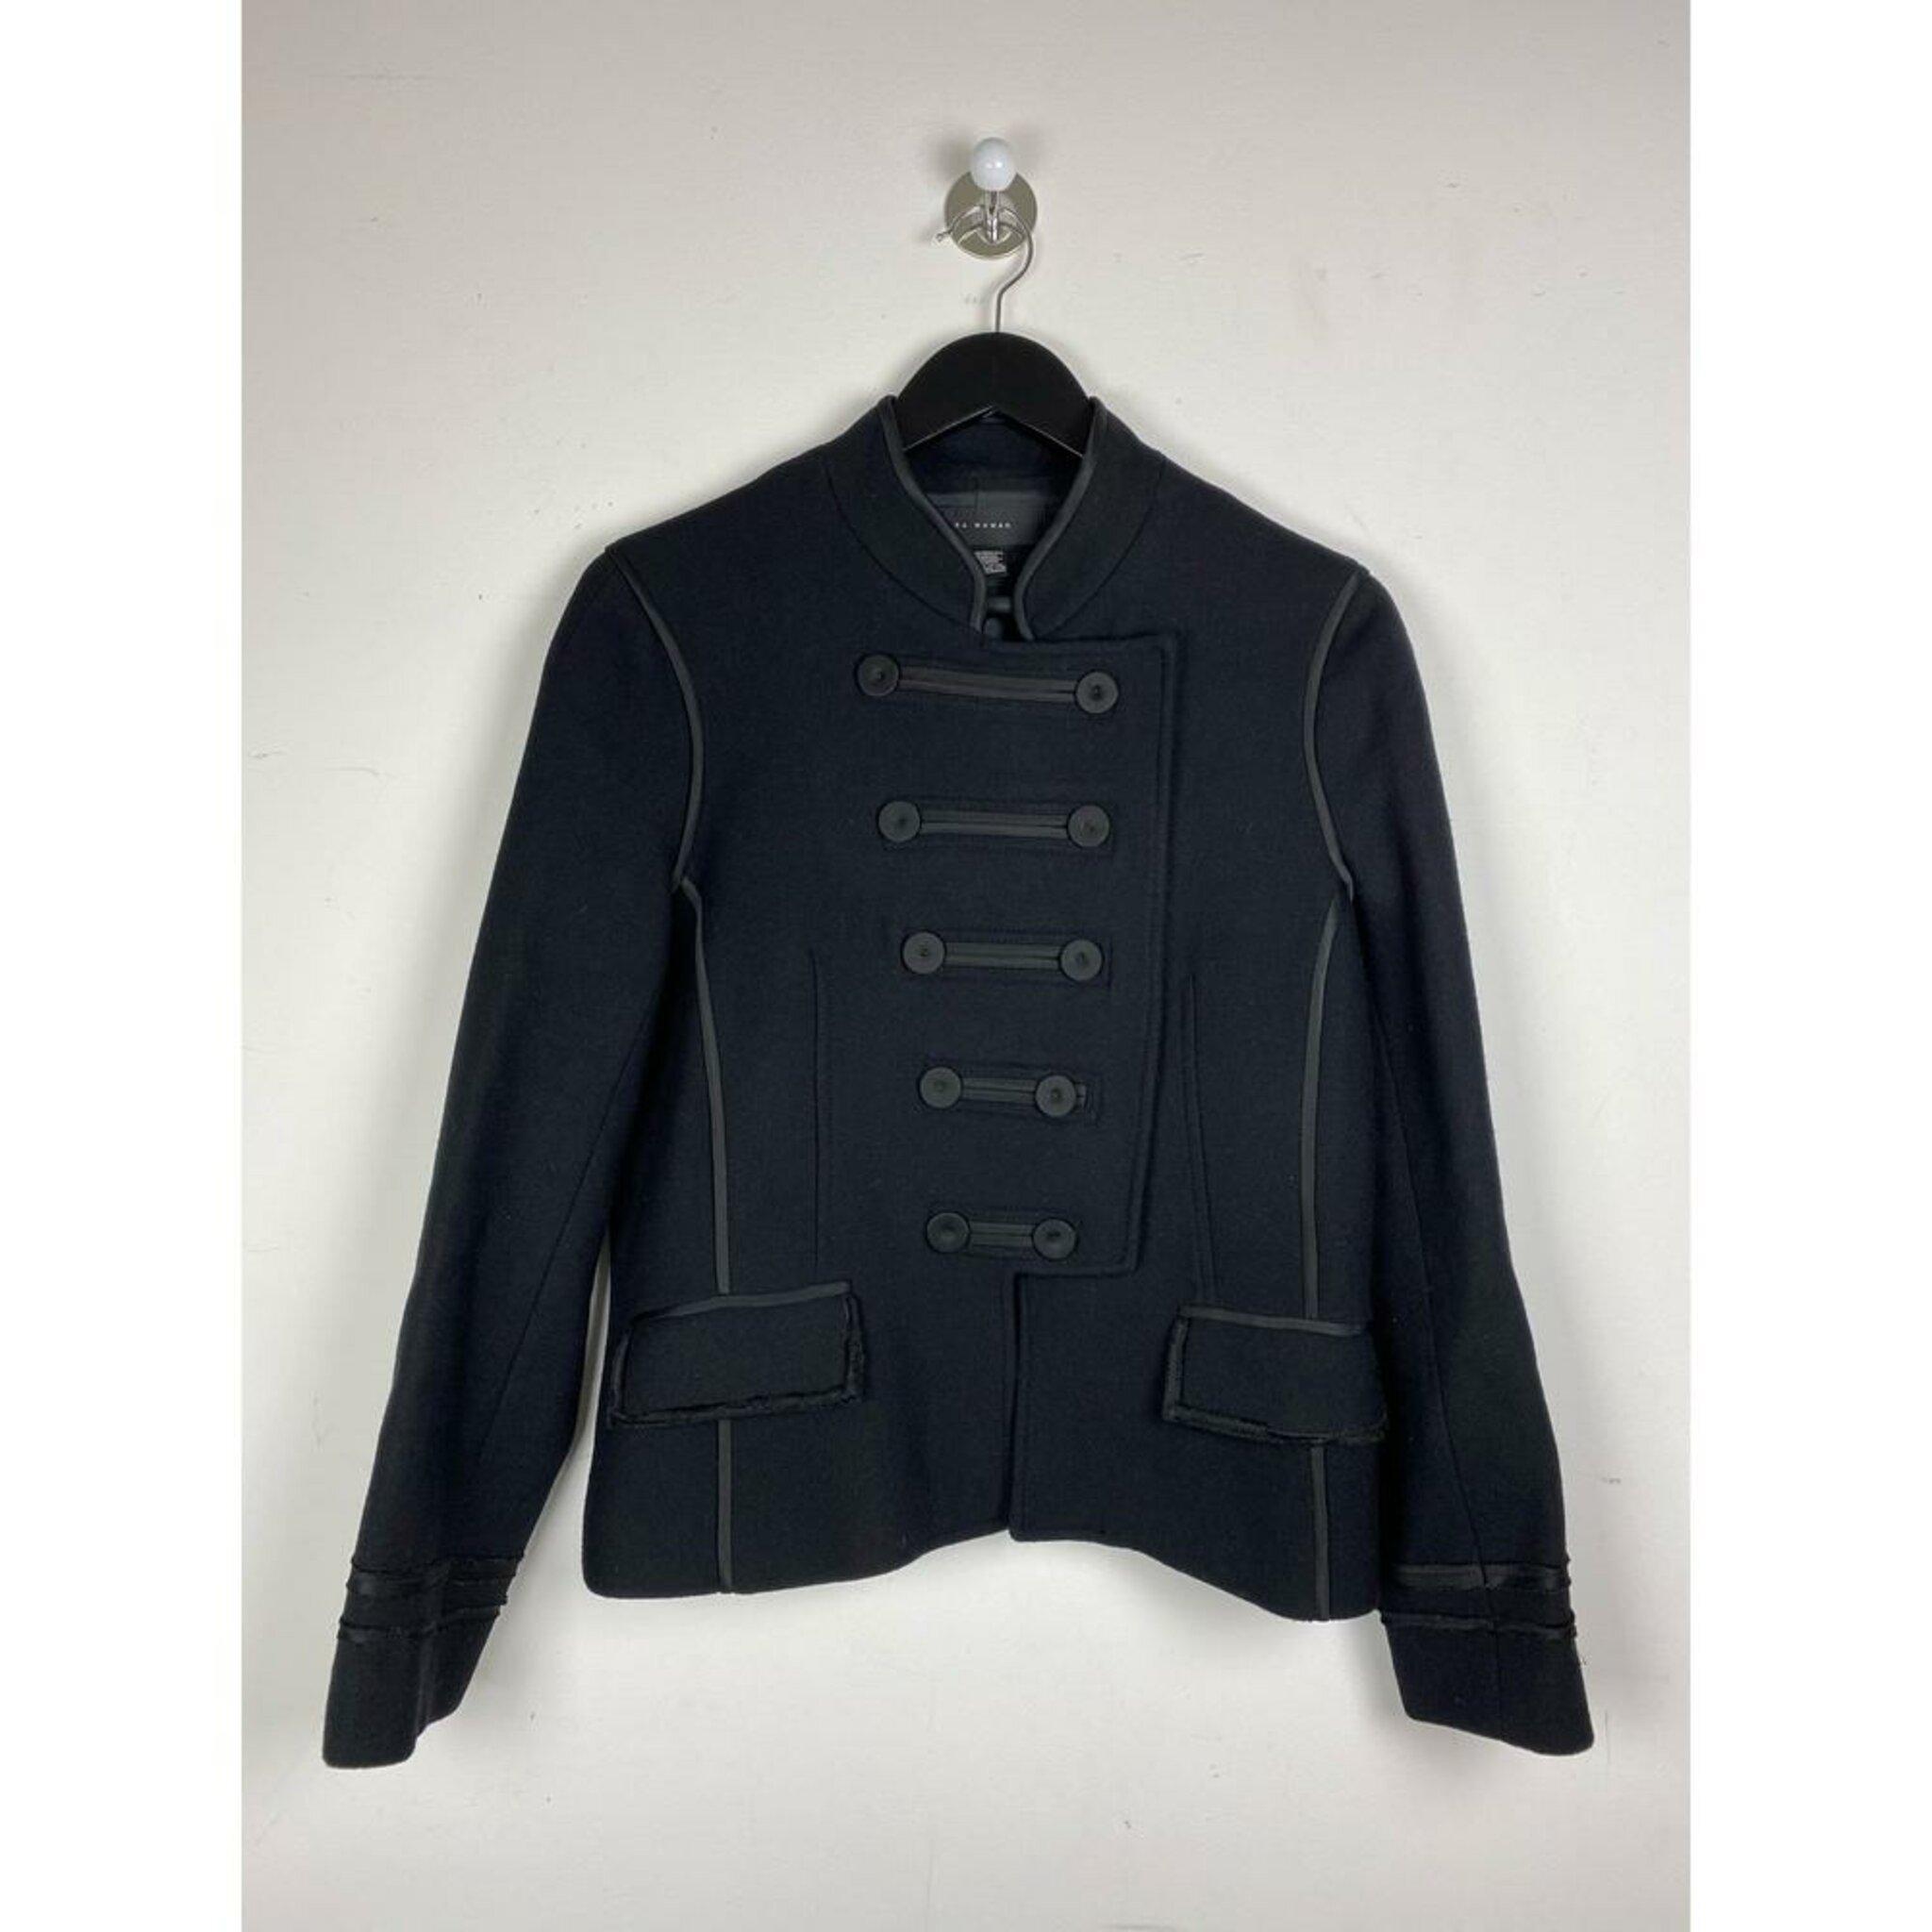 Wool Bouclé Jacket by Zara, L